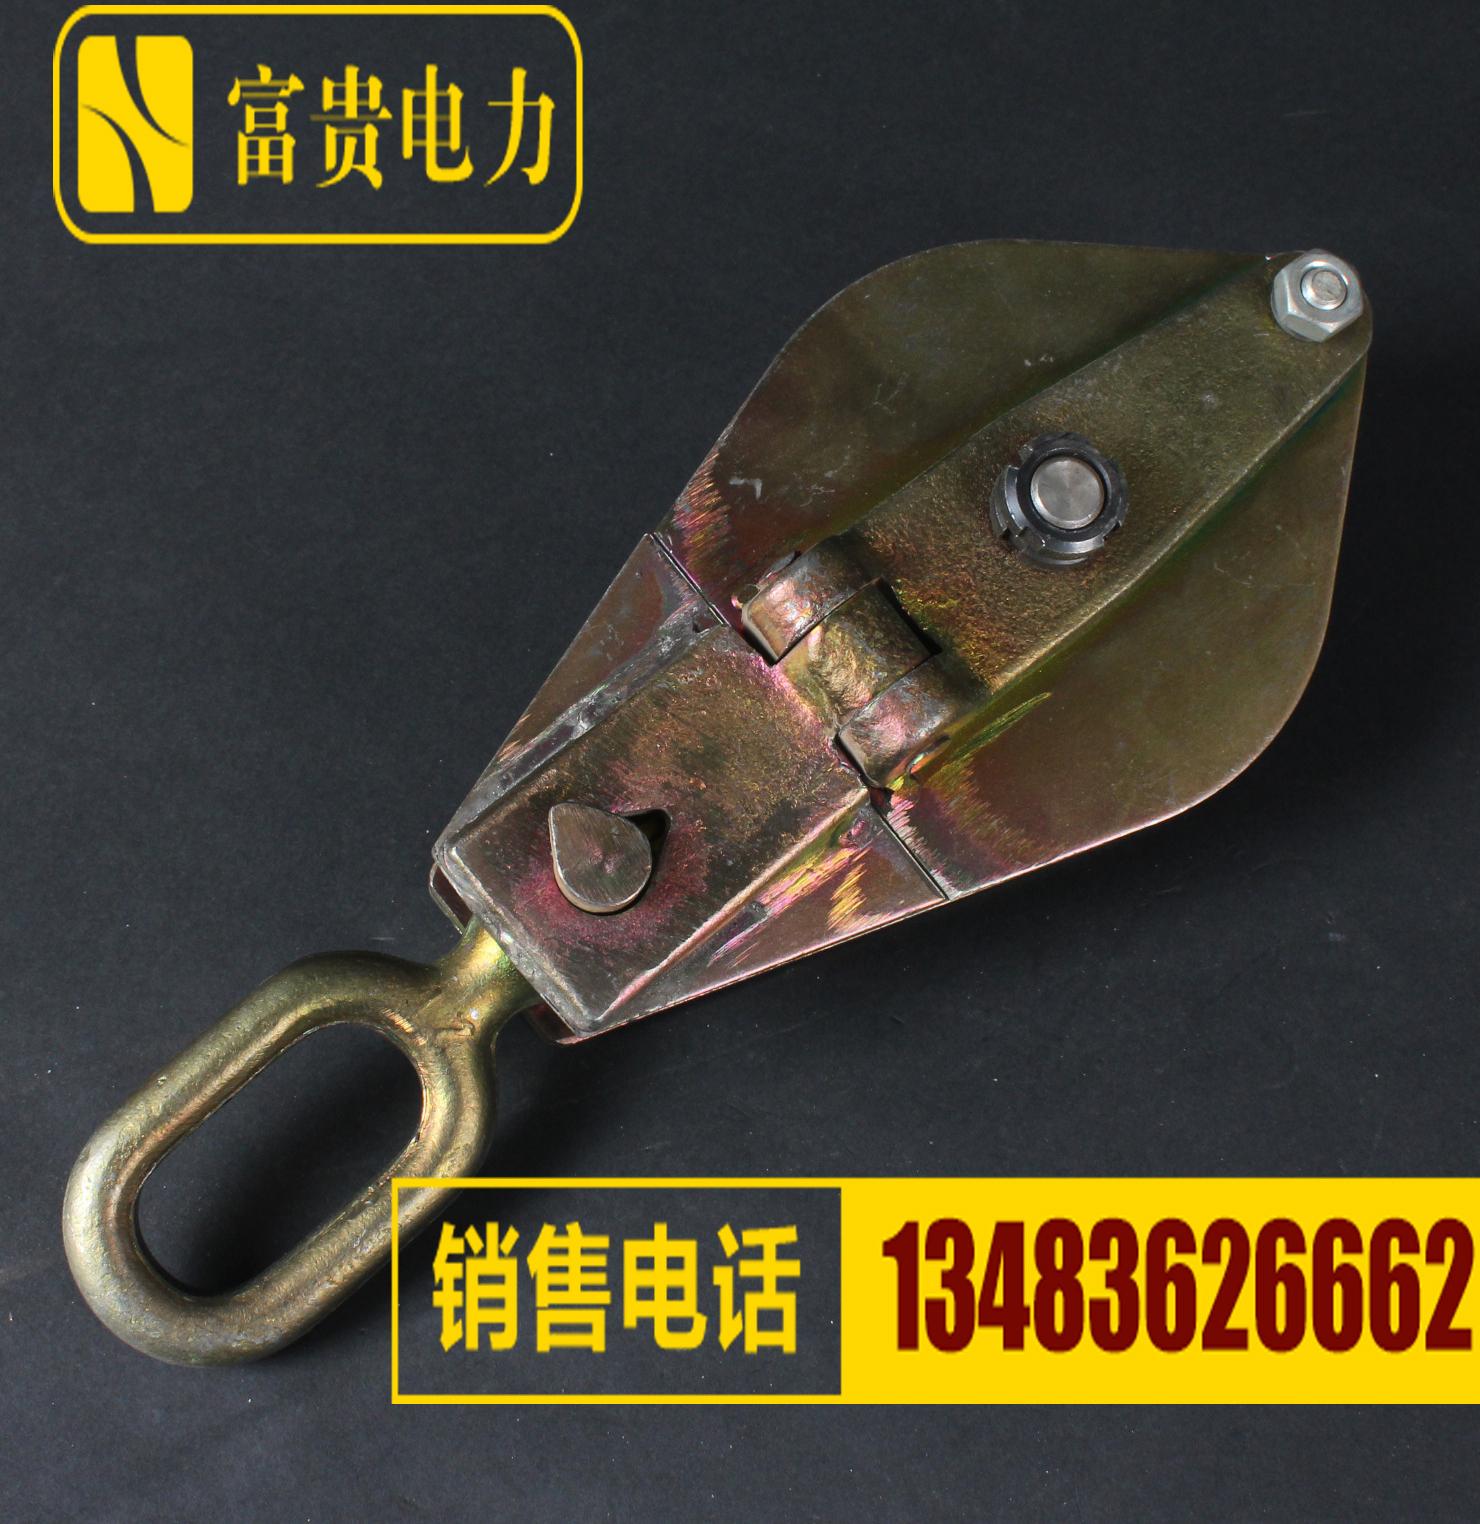 鐵起重滑車 電力起重滑車 軸承式鉤式環式滑車滑輪 承重吊環鉤子